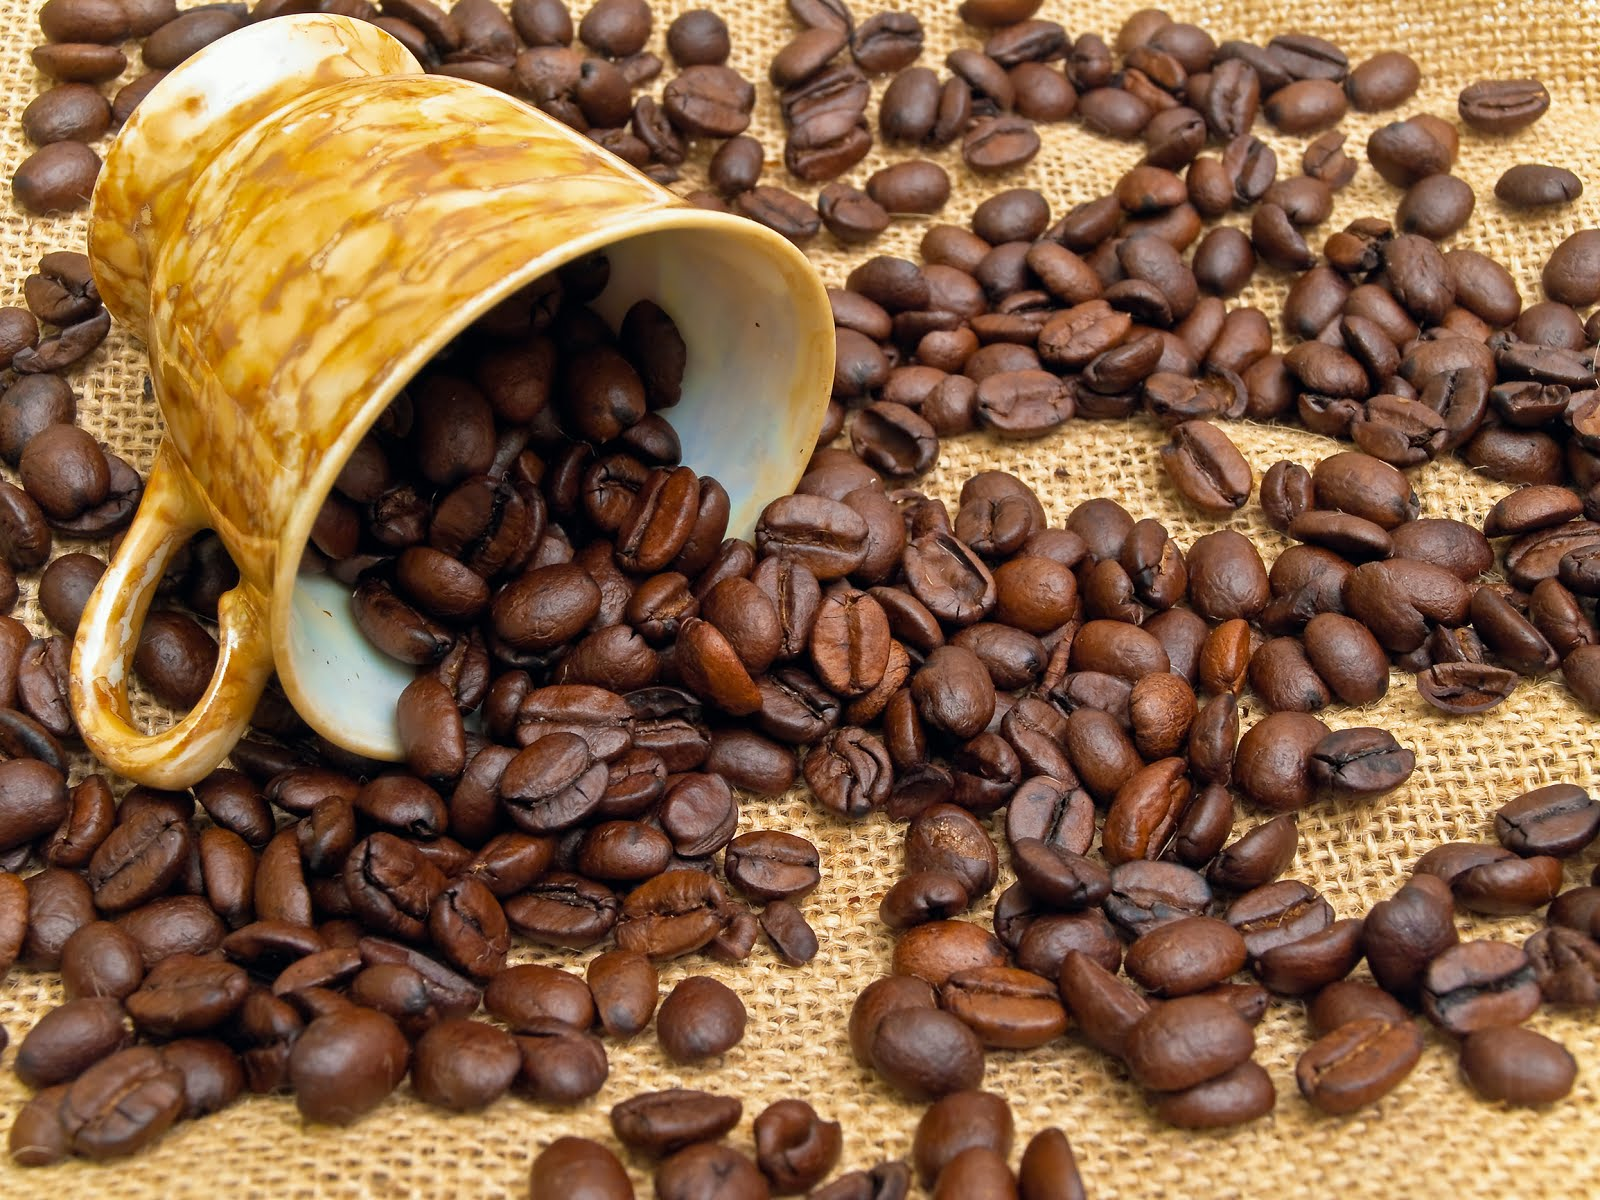 CAFETERÍA para todos Taza-con-cafe-tostado-toasted-natural-coffe-grain-